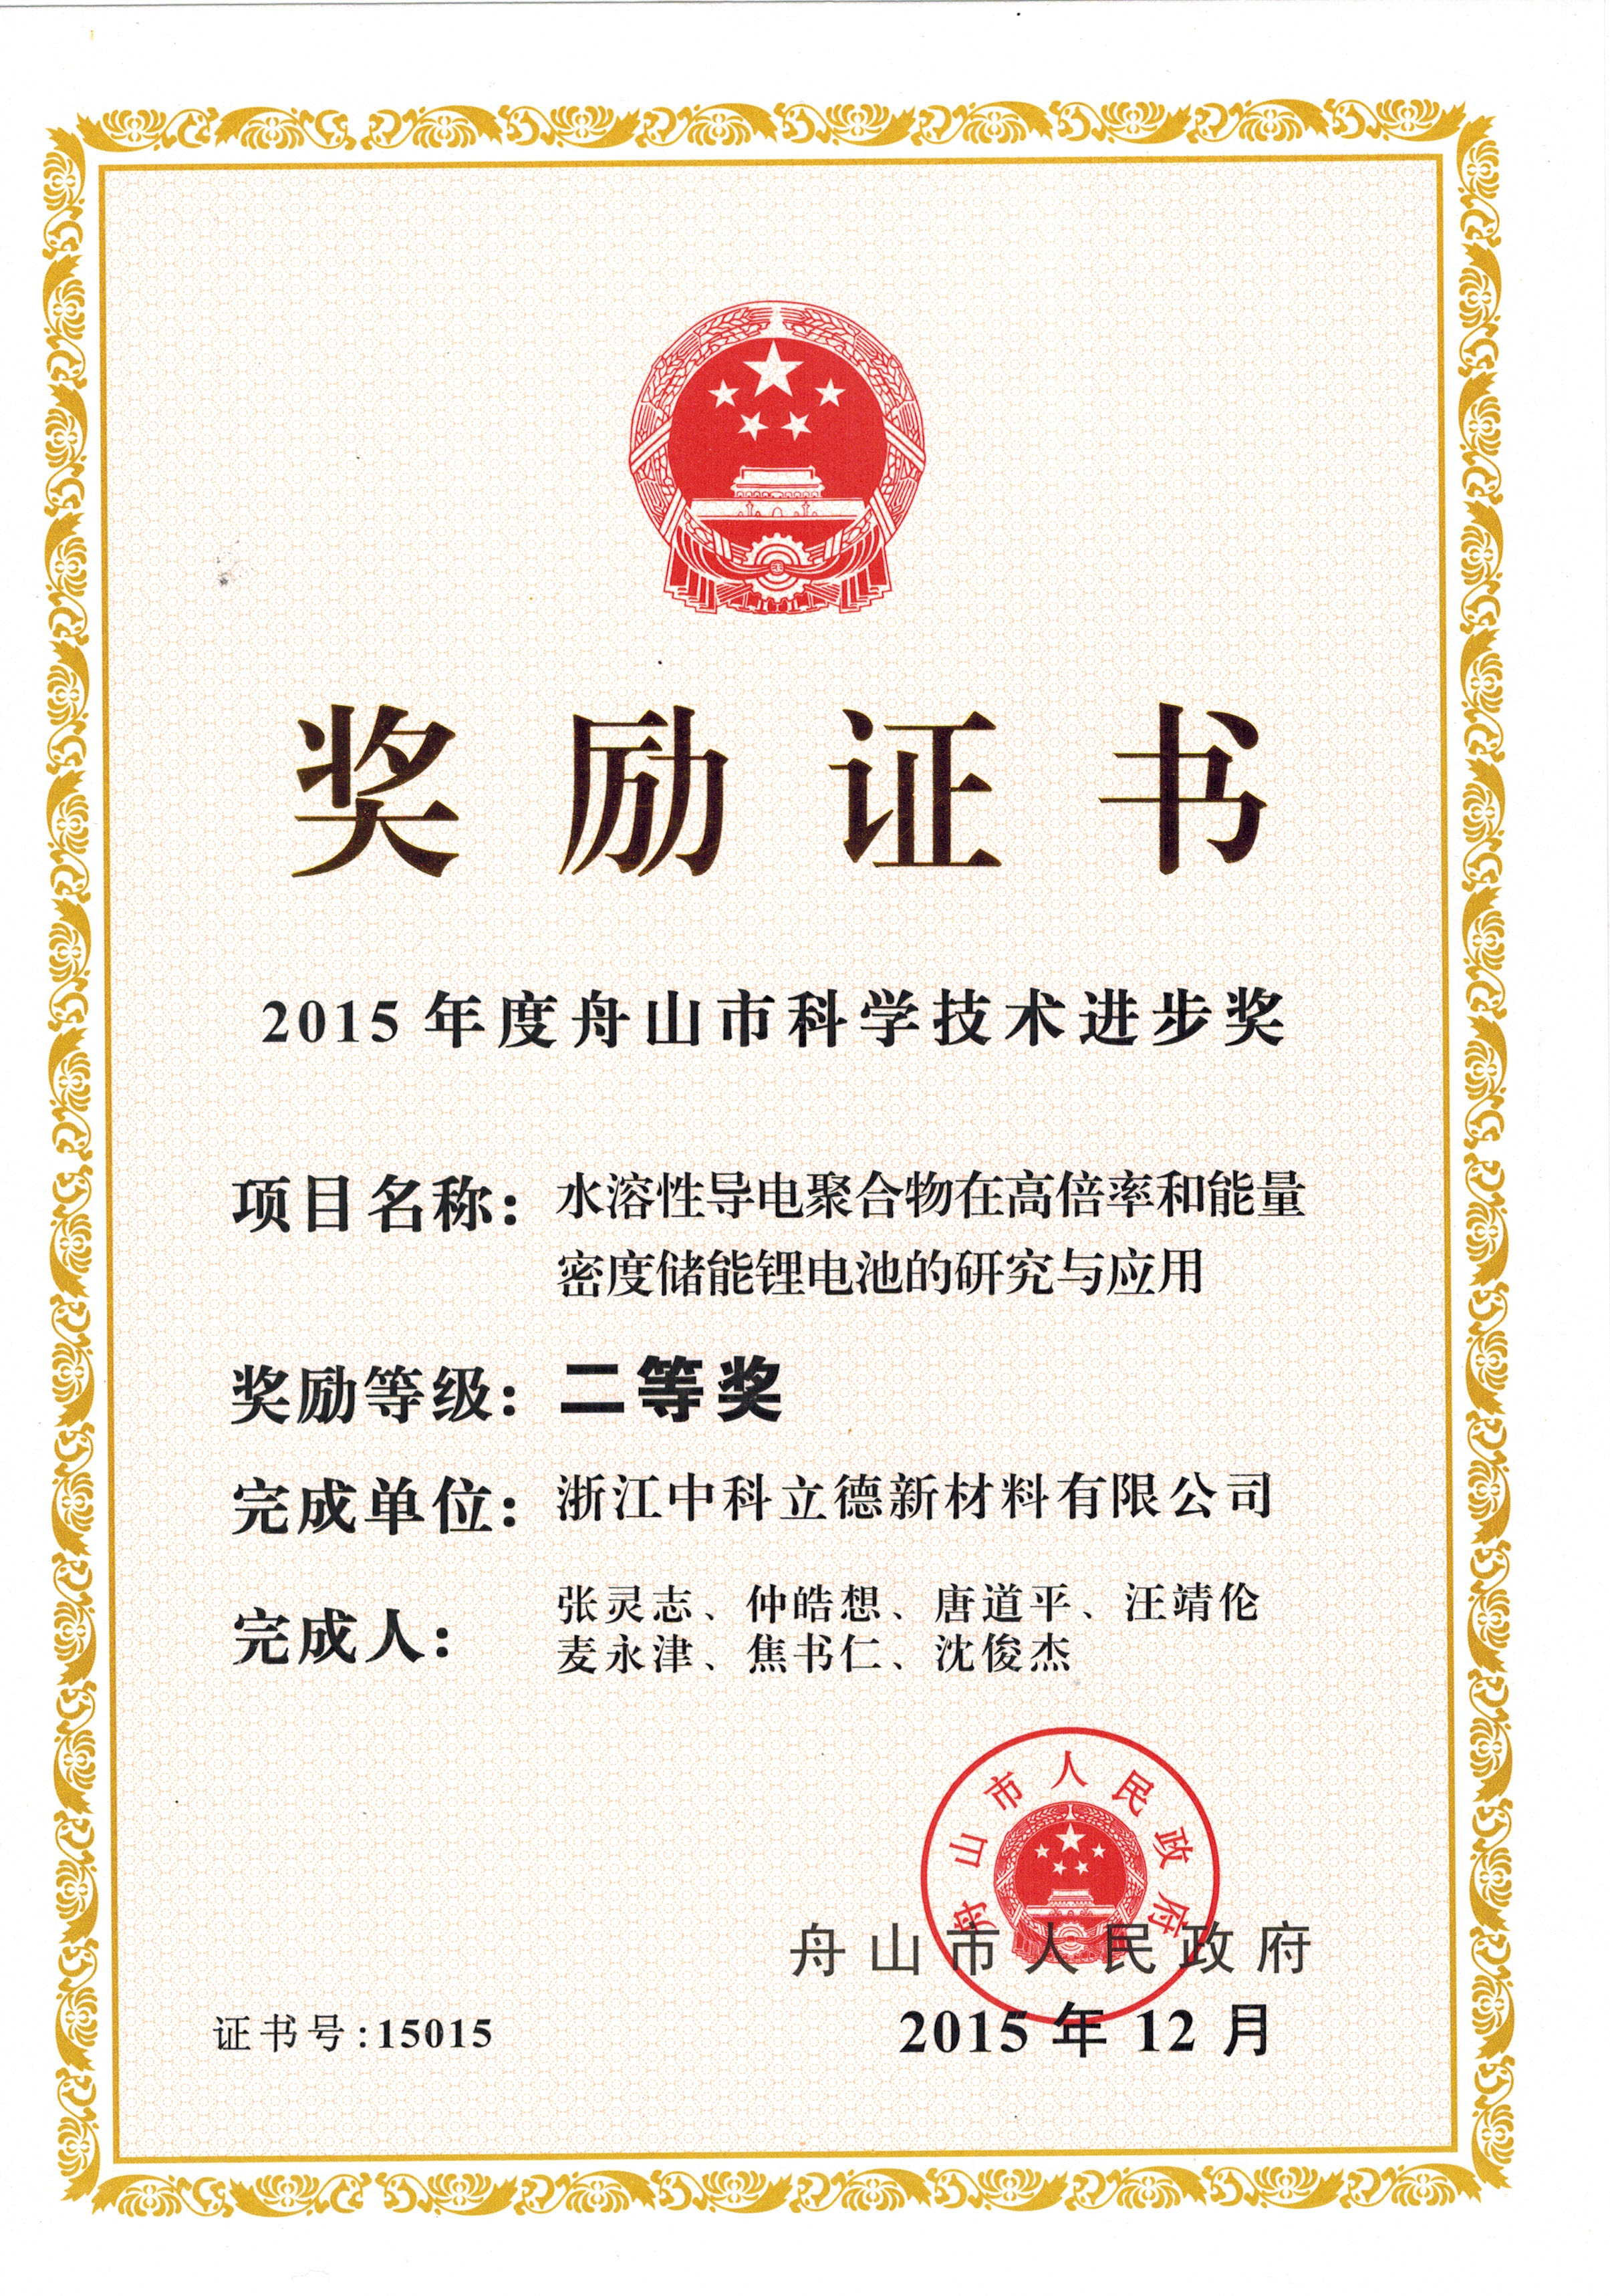 2015年度舟山市科技進步獎